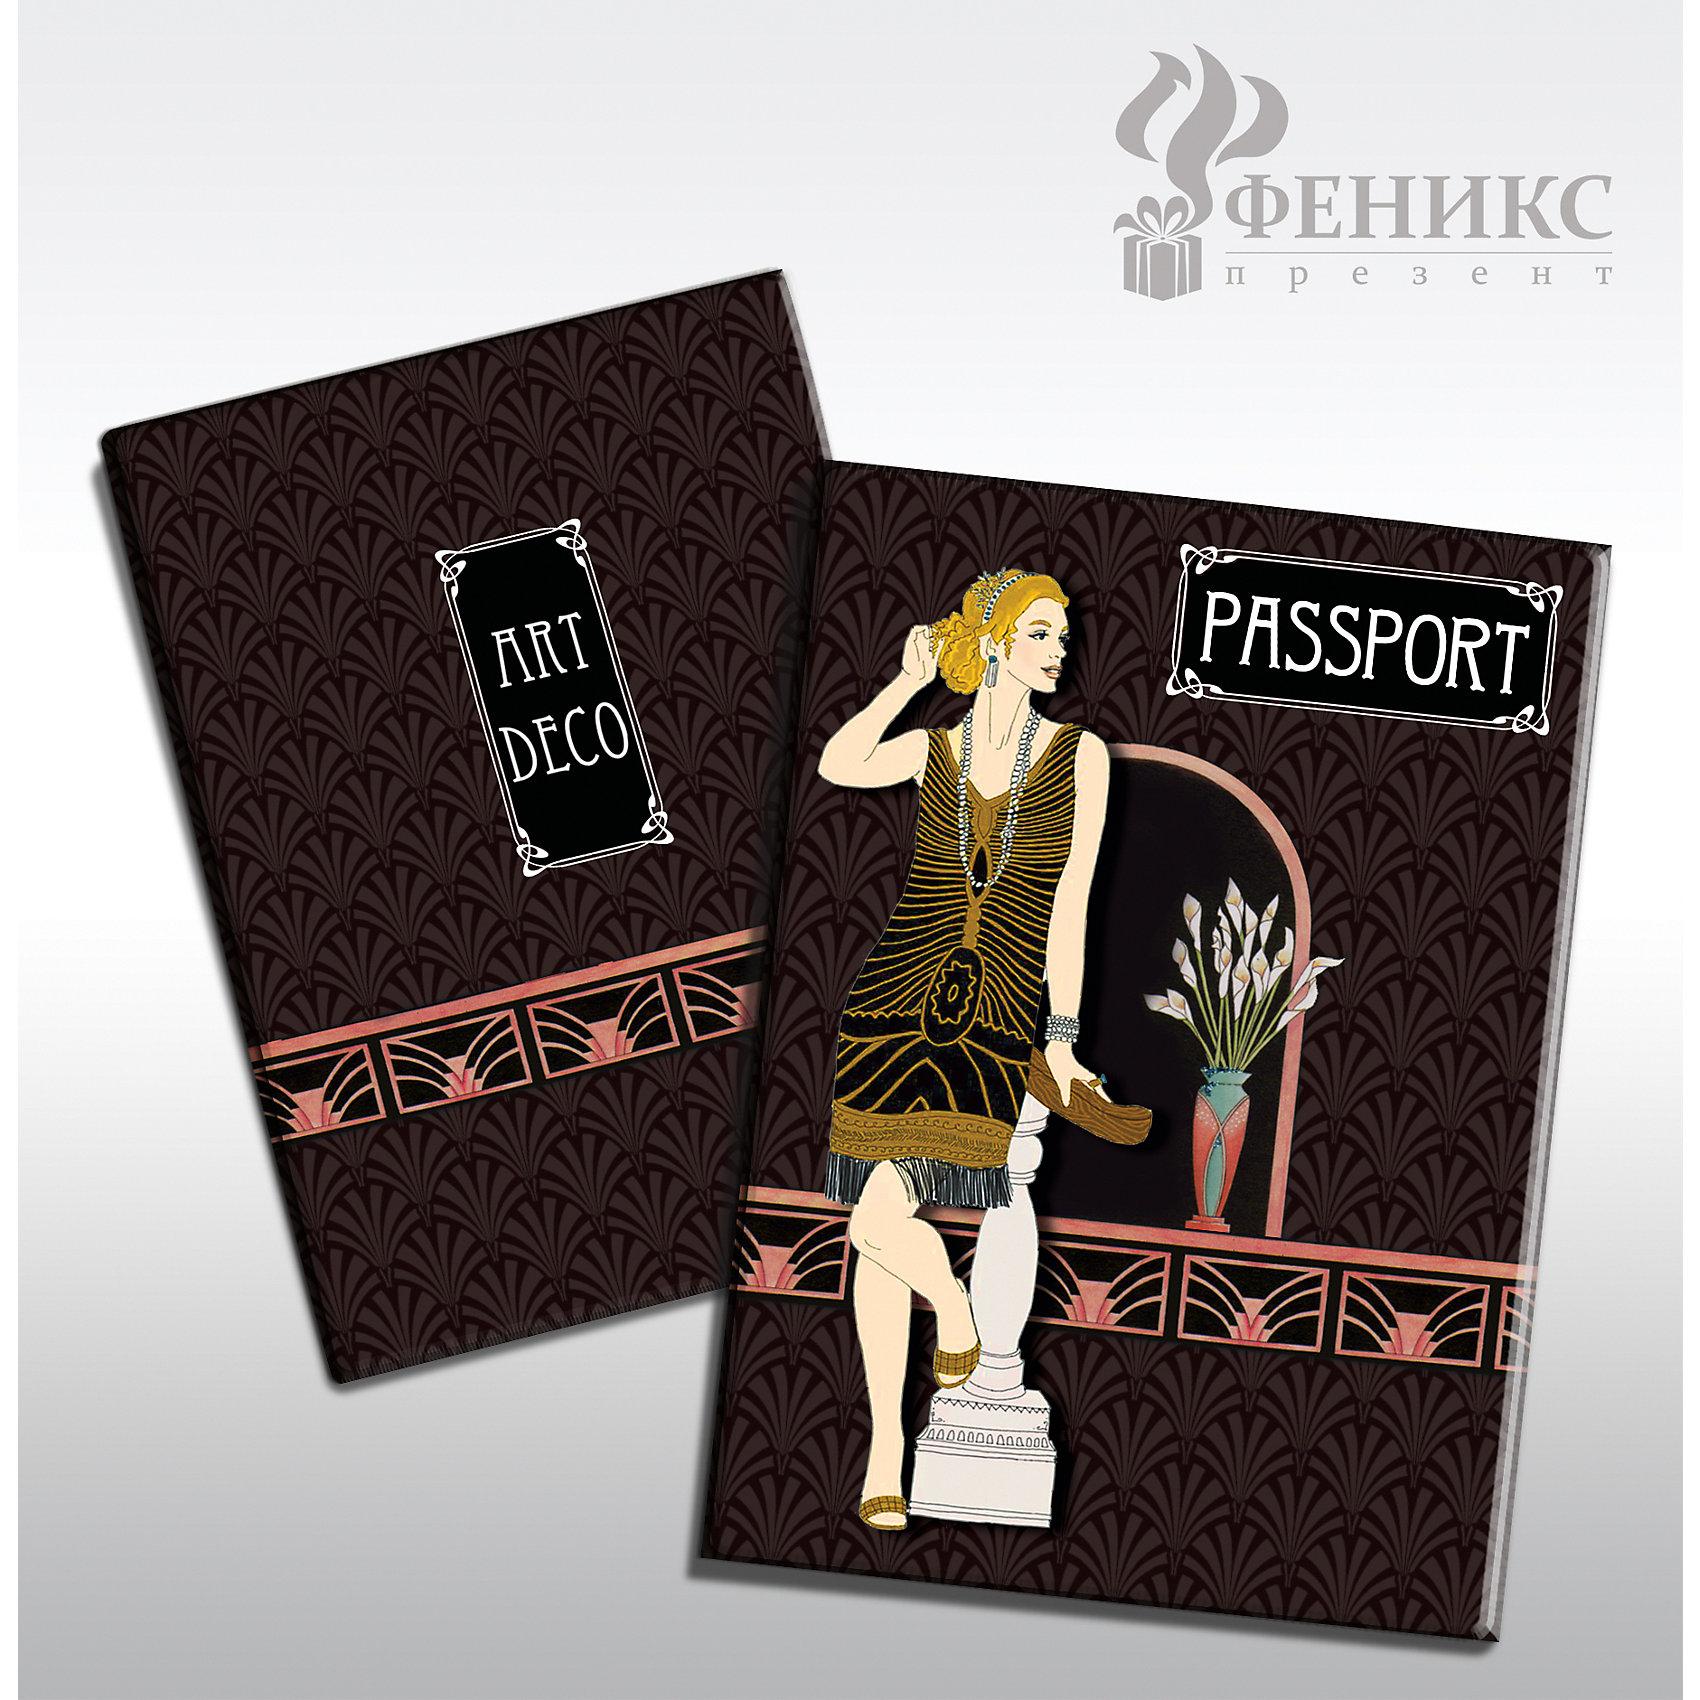 Обложка для паспорта Ар-Деко, Феникс-ПрезентВ дорогу<br>Обложка для паспорта Ар-Деко, Феникс-Презент<br><br>Характеристики:<br><br>• оригинальный дизайн<br>• высокая прочность<br>• размер: 13,3х19,1 см<br>• материал: ПВХ<br><br>Обложка Ар-Деко надежно защитит ваш паспорт от механических воздействий. Она выполнена из качественного поливинилхлорида, устойчивого к износу. На обложке изображен рисунок в стиле Ар Деко. Практичная и оригинальная обложка станет отличным подарком!<br><br>Обложку для паспорта Ар-Деко, Феникс-Презент можно купить в нашем интернет-магазине.<br><br>Ширина мм: 133<br>Глубина мм: 191<br>Высота мм: 50<br>Вес г: 35<br>Возраст от месяцев: 168<br>Возраст до месяцев: 2147483647<br>Пол: Унисекс<br>Возраст: Детский<br>SKU: 5449594